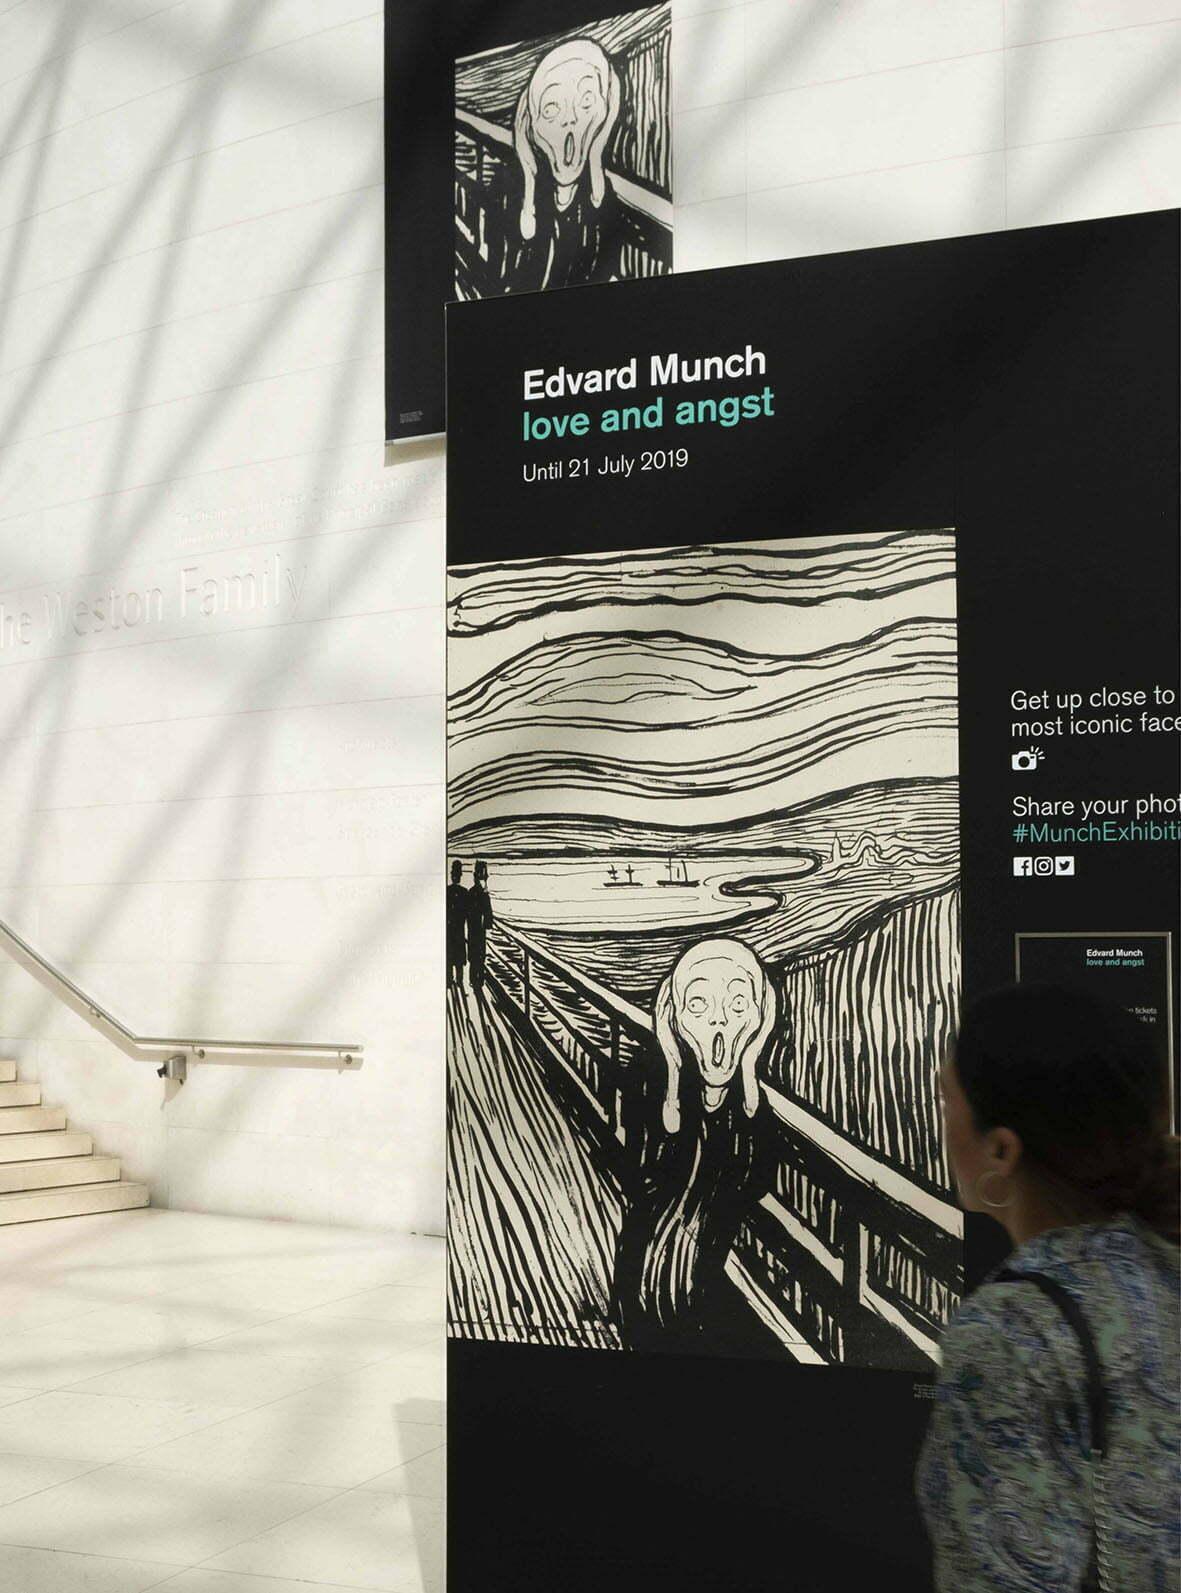 03_Lombaert_Studio_British_Museum_Munch_13LR